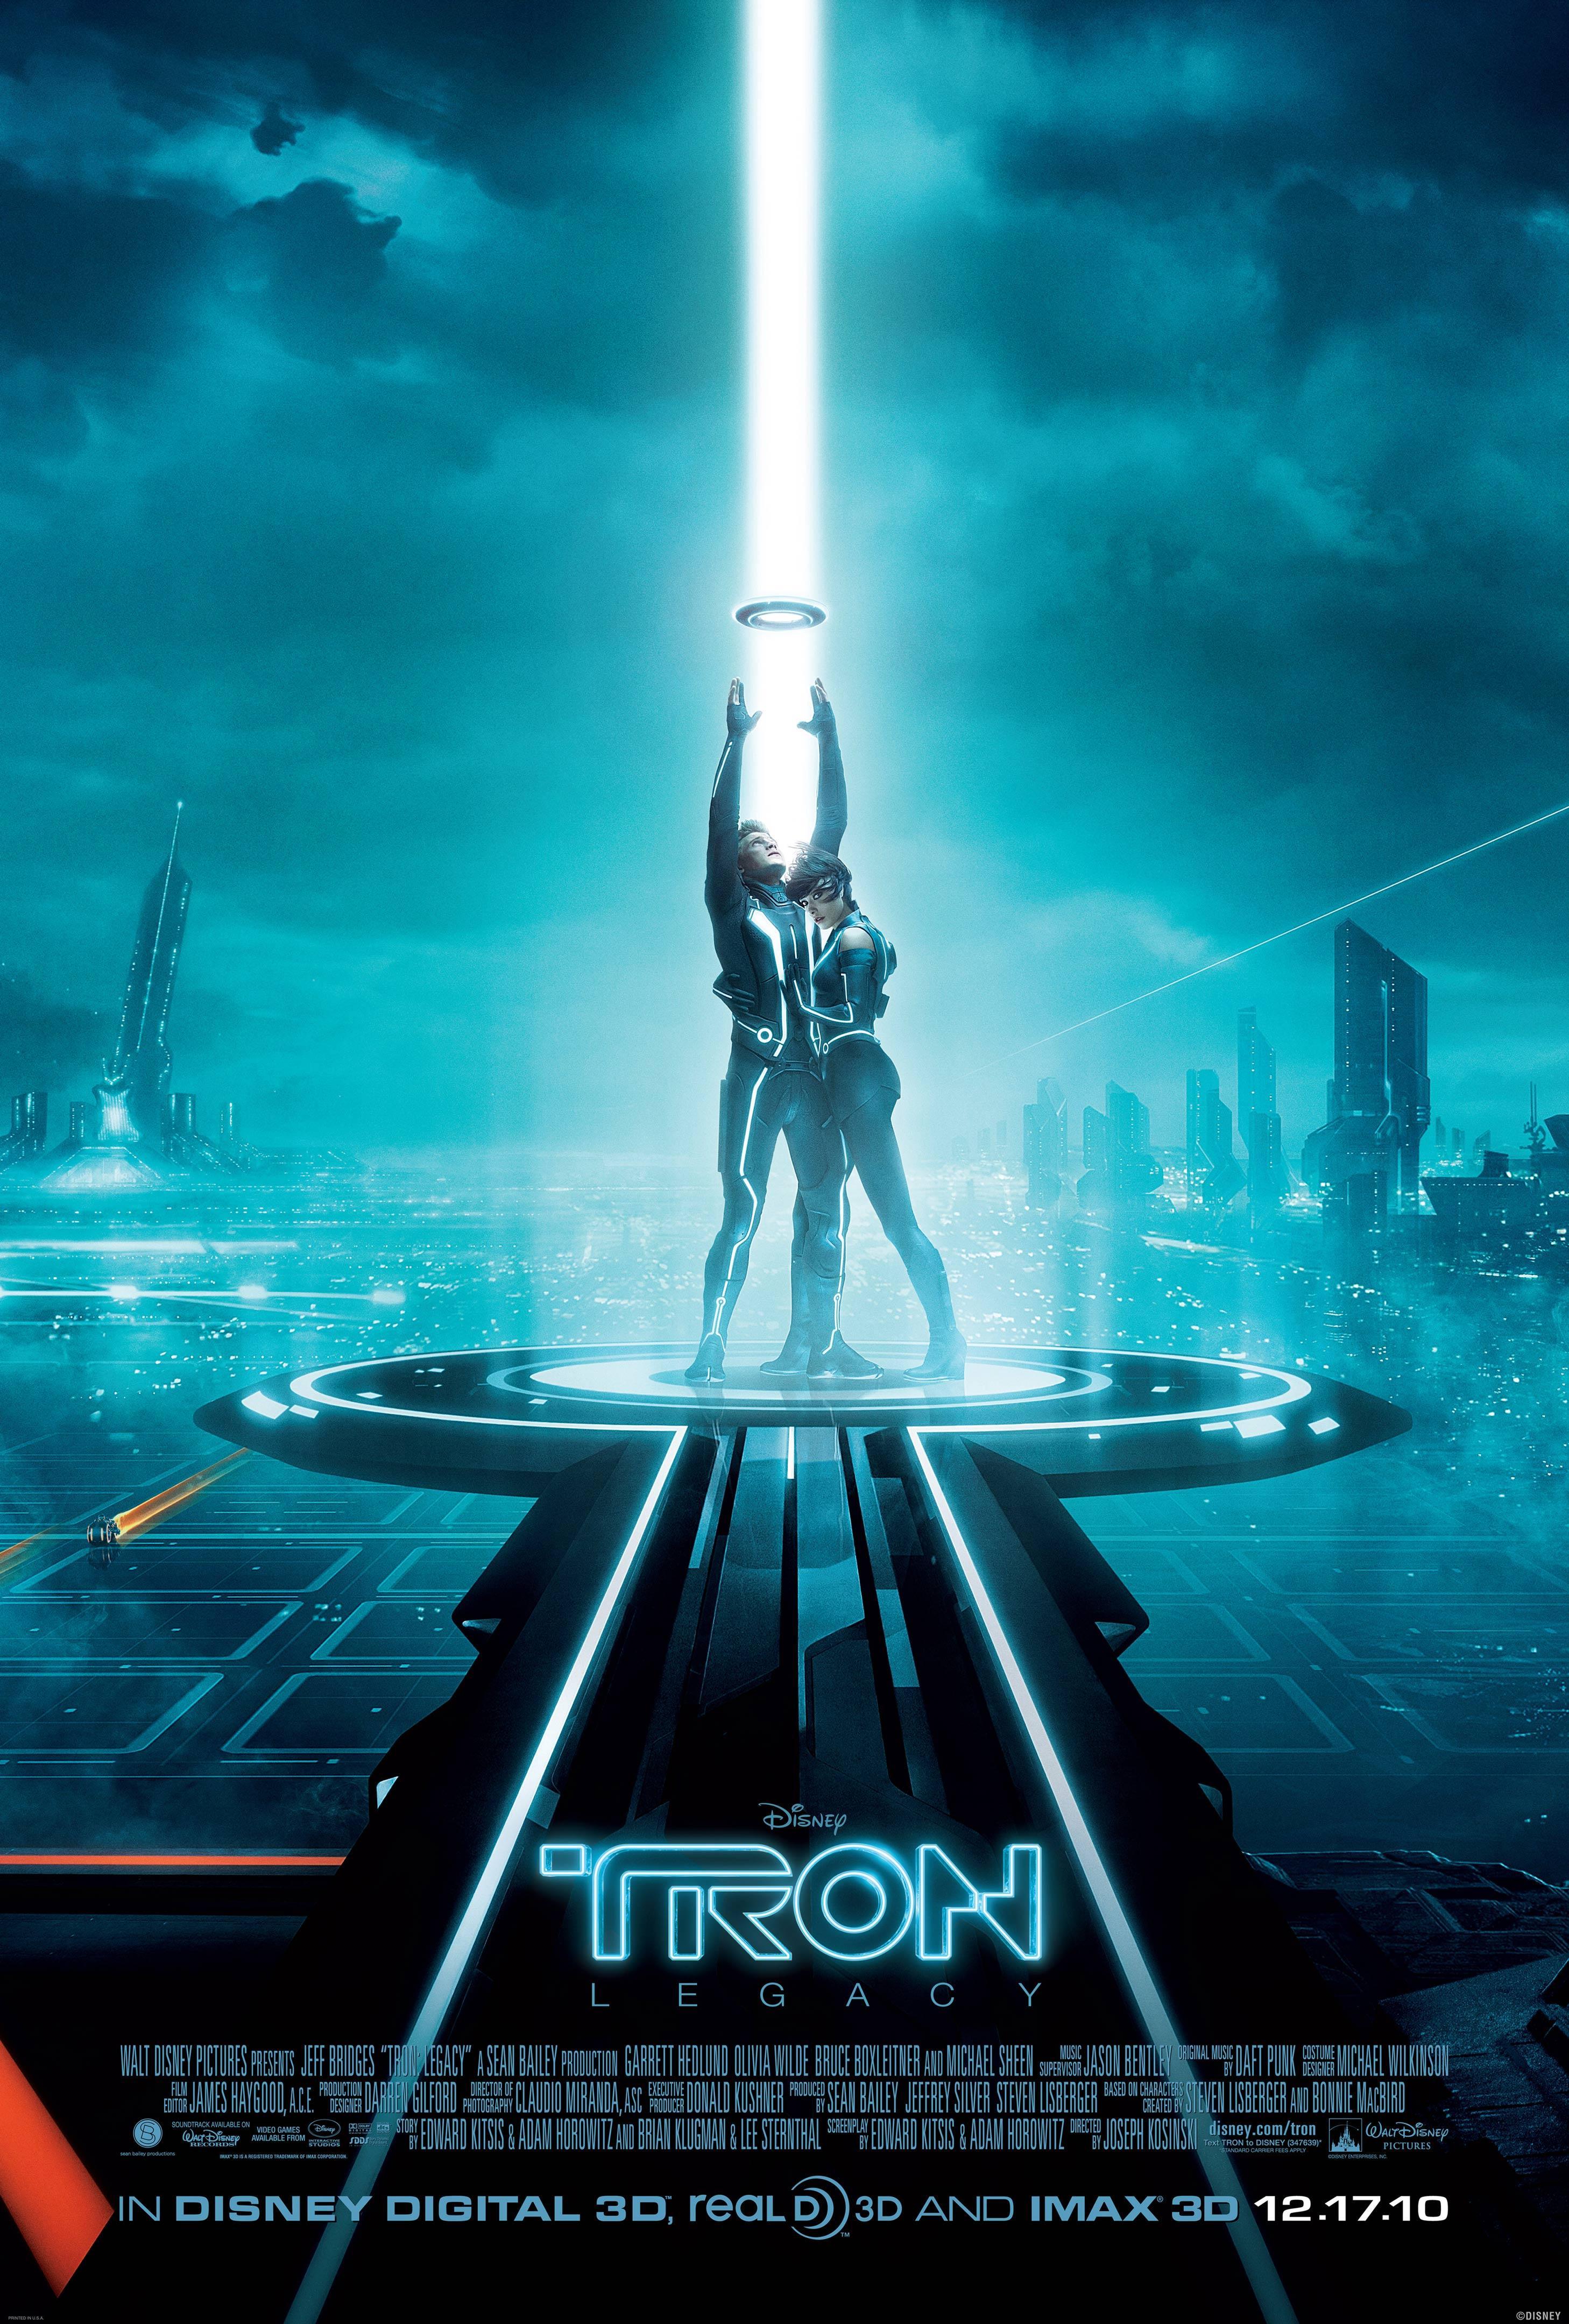 Tron-Legacy-Poster-Wallpaper.jpg (2916×4320)